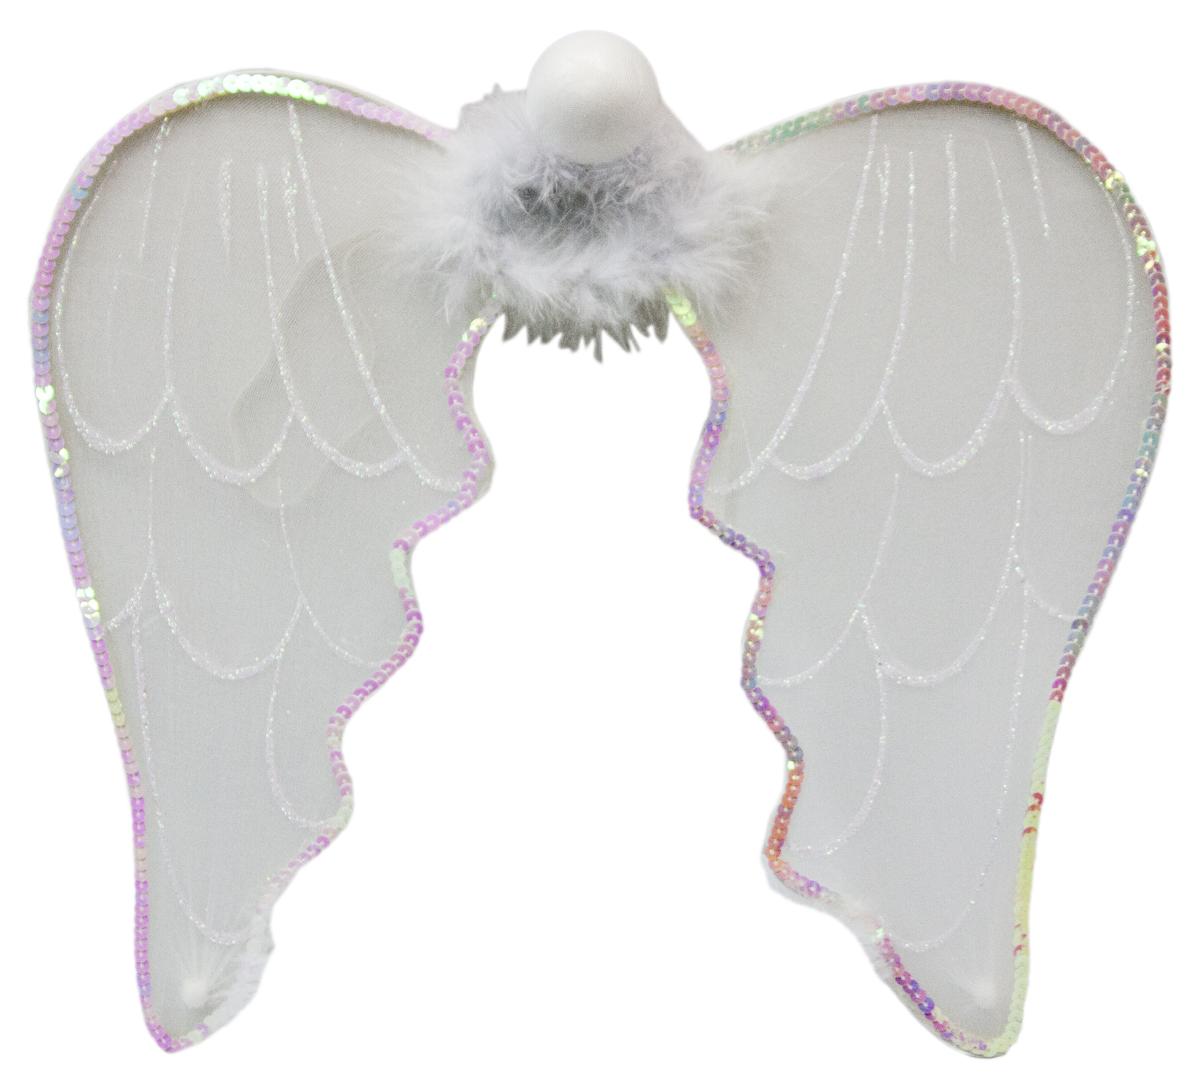 Карнавальный набор Lovemark Ангел, 3 предмета296Карнавальный набор Ангел (крылья ангела, волшебная палочка, украш. на голову) Lovemark